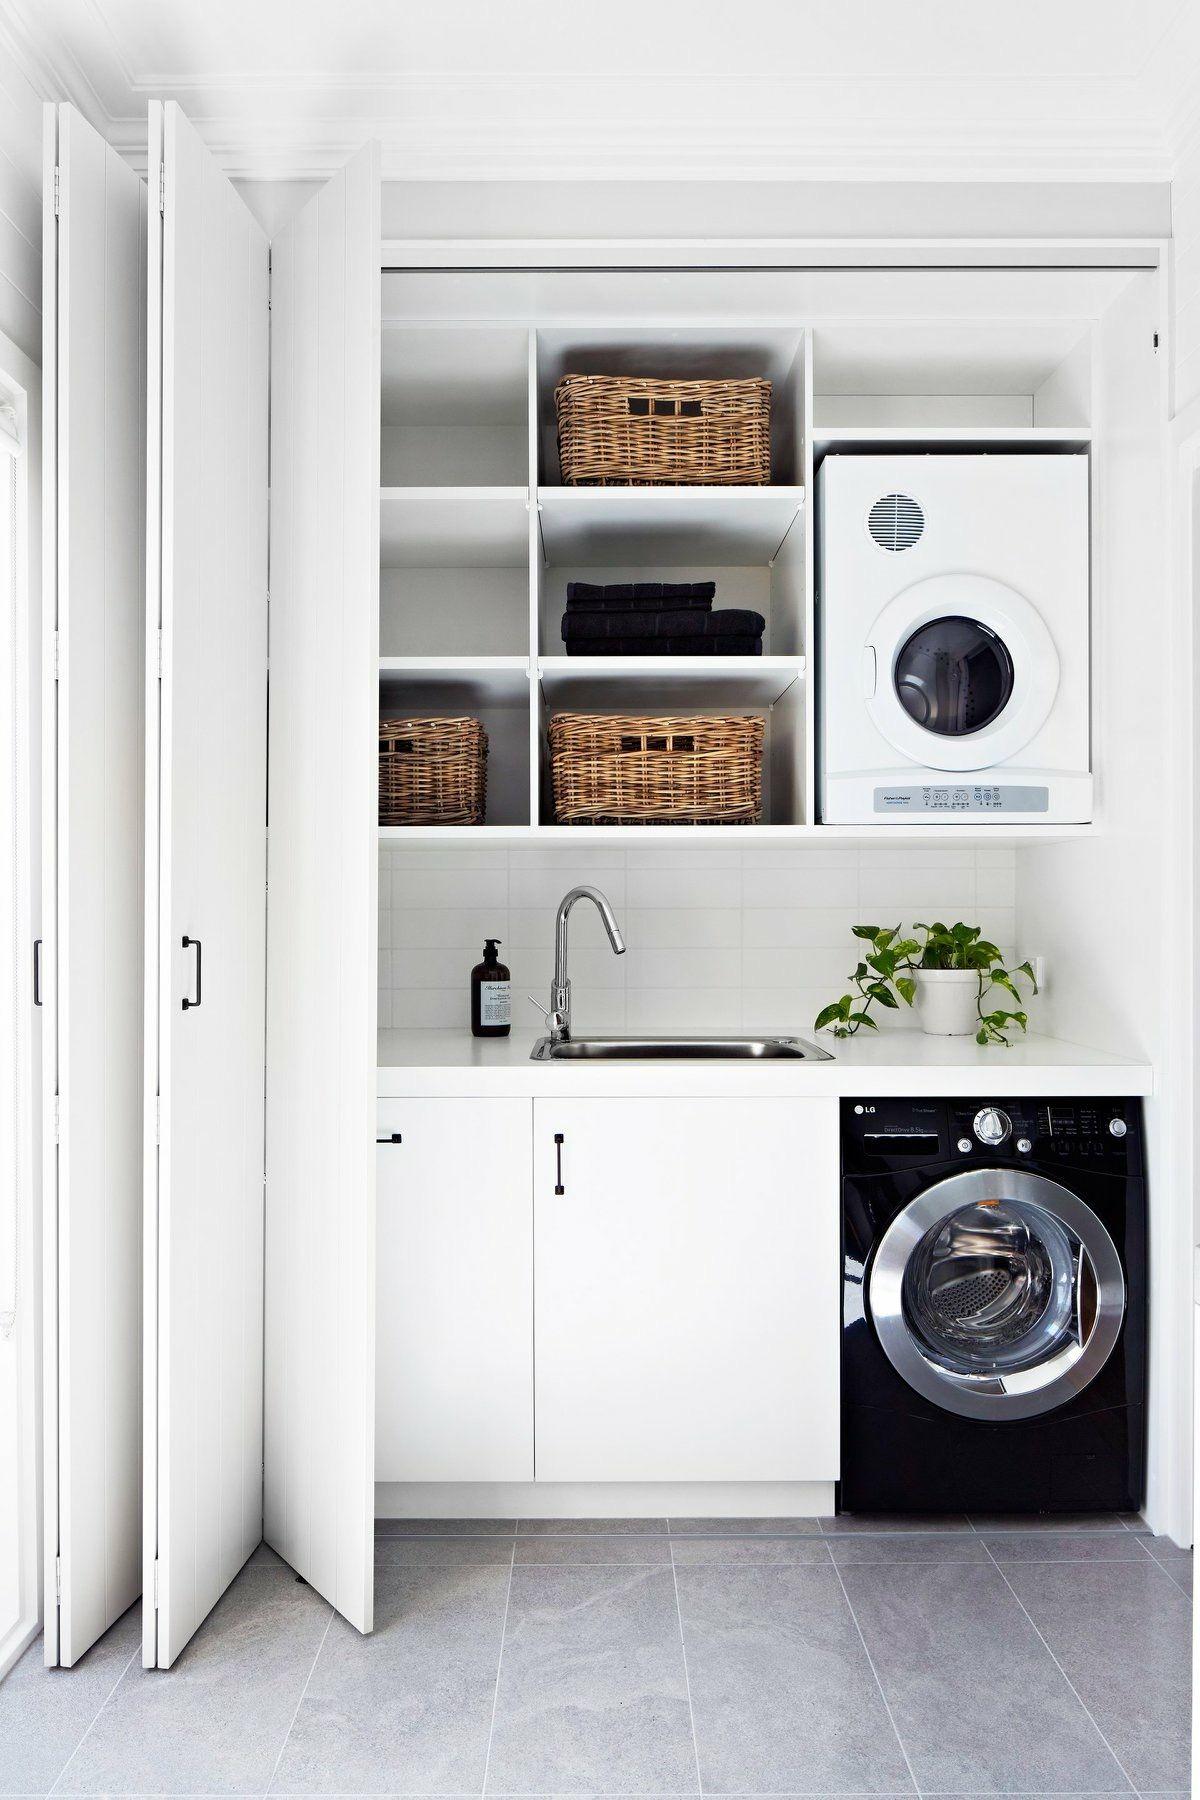 pingl par irelna lowrie sur queenslander love. Black Bedroom Furniture Sets. Home Design Ideas